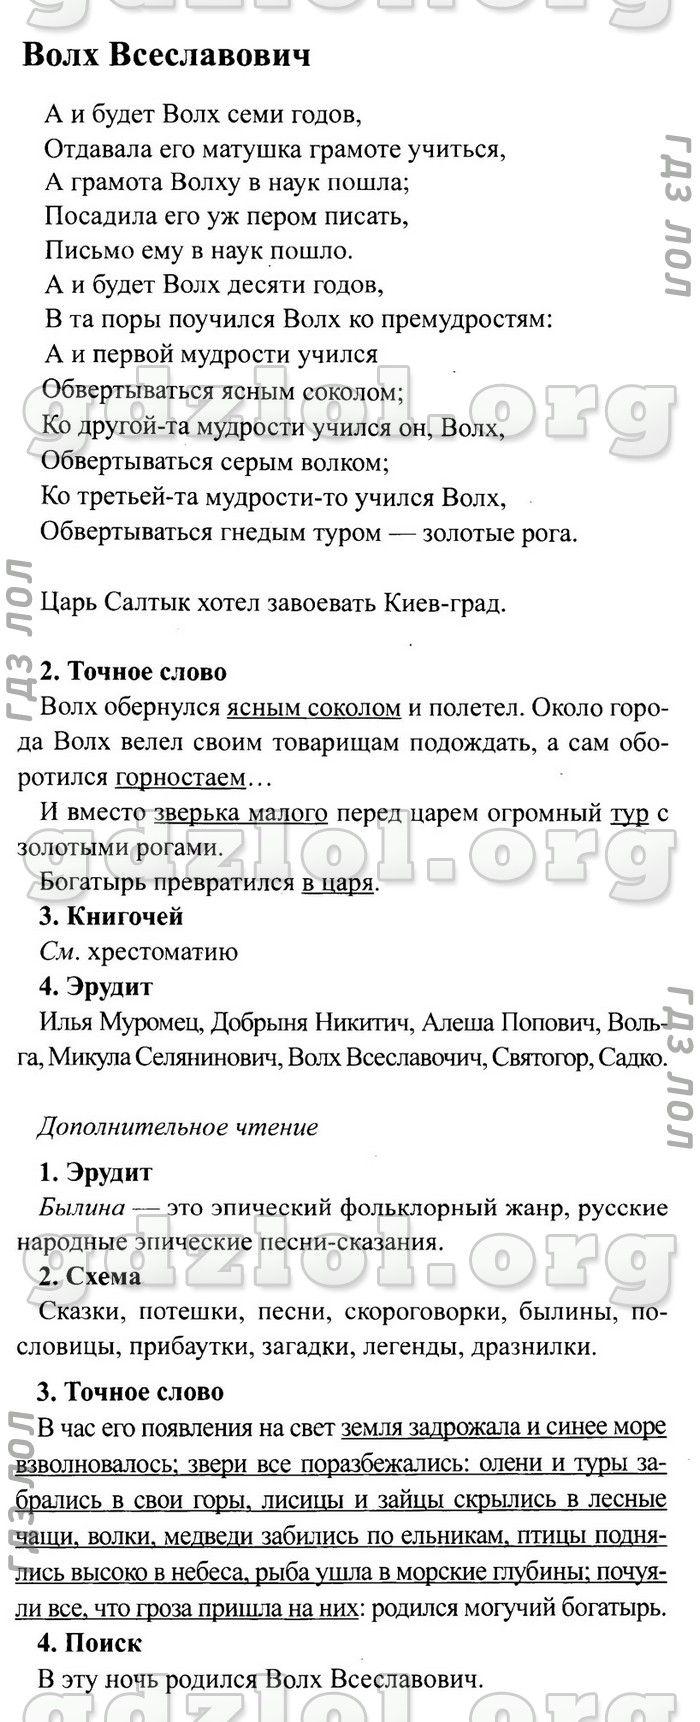 Www.slovo.ws по литературе 2 класс авторы климанова горецкий готовые домашние задания